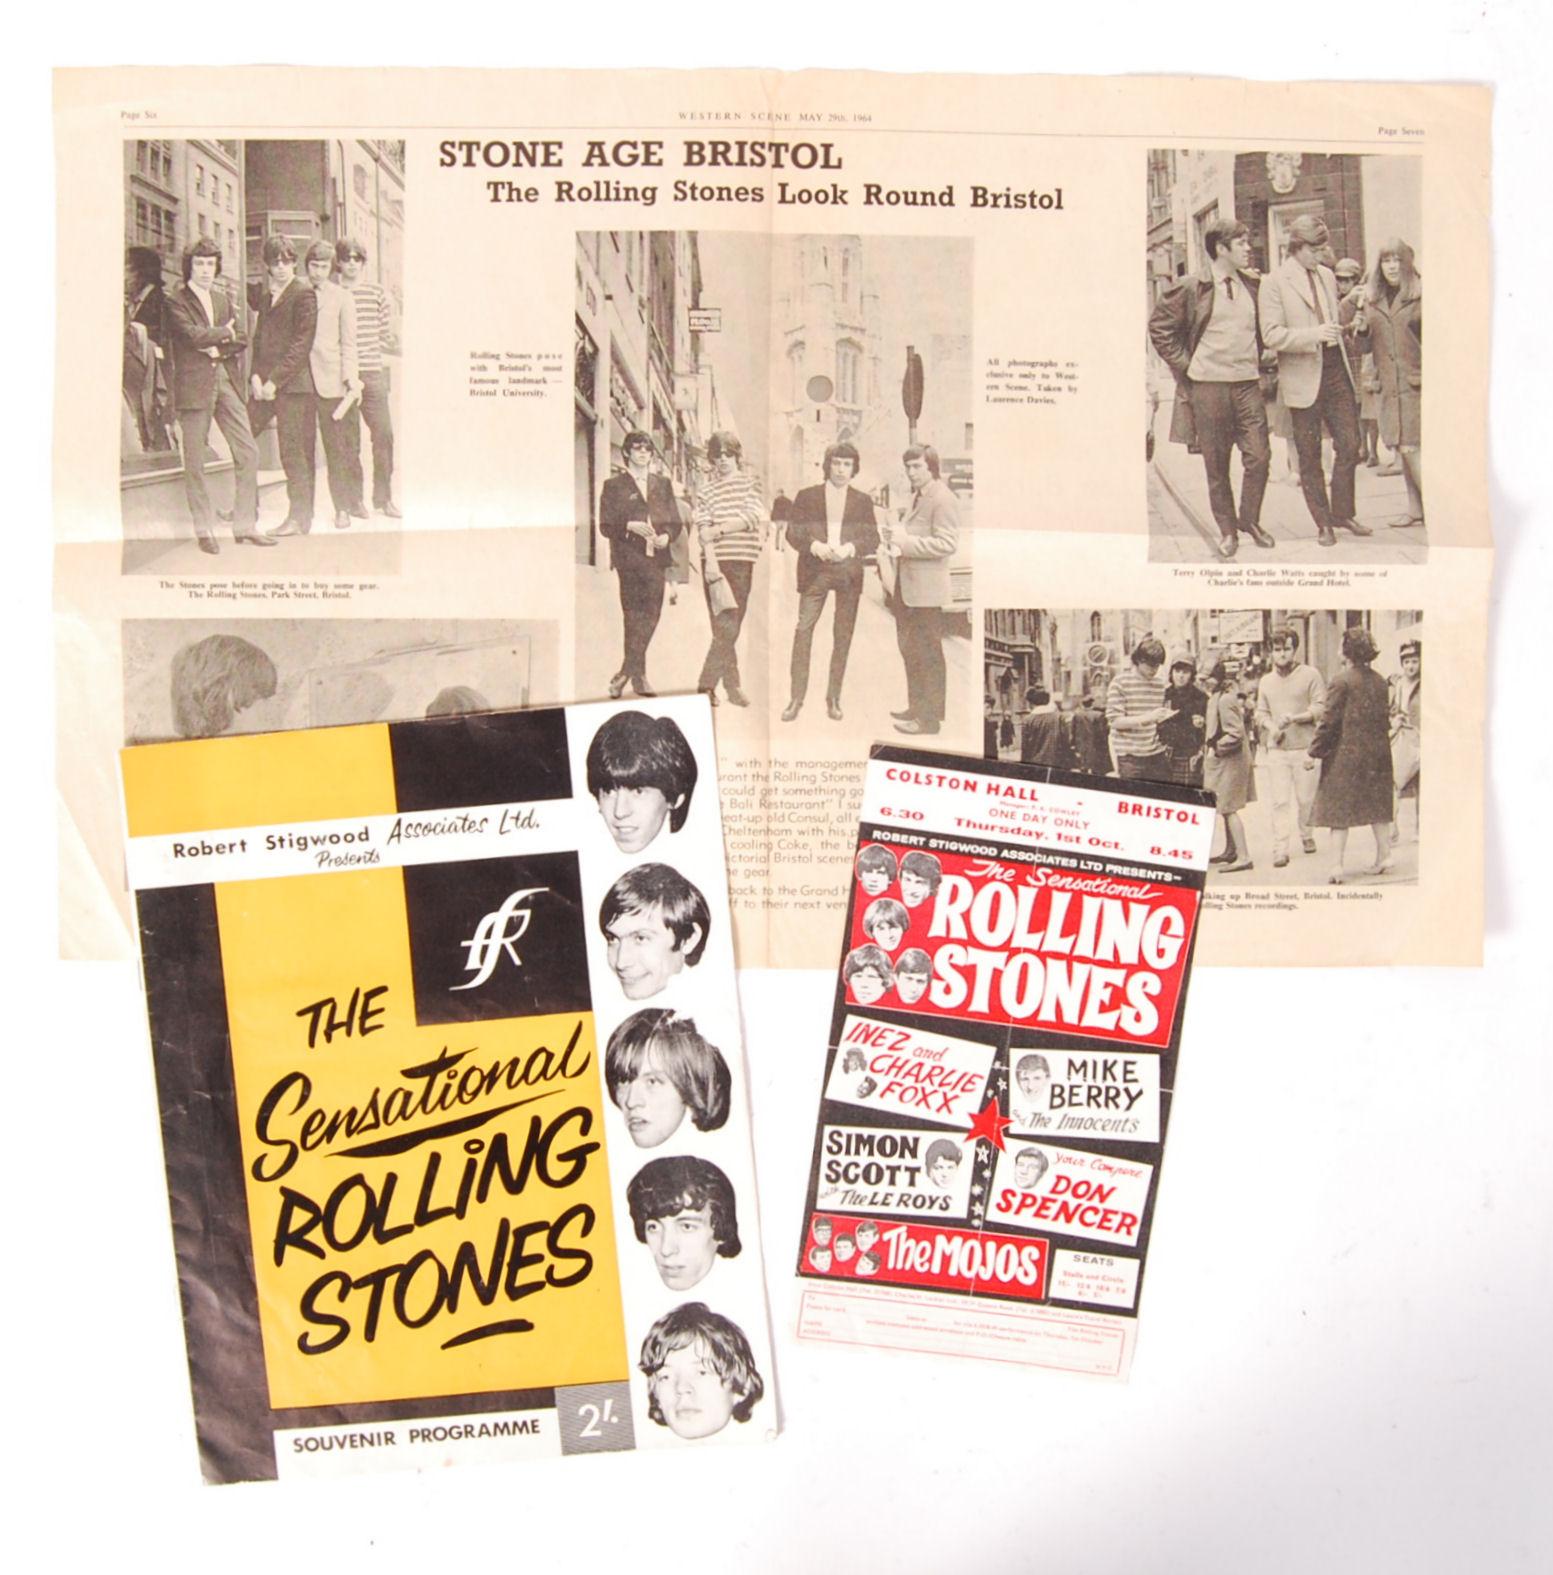 Lot 9 - RARE ORIGINAL VINTAGE ROLLING STONES 1964 FIRST UK TOUR EPHEMERA